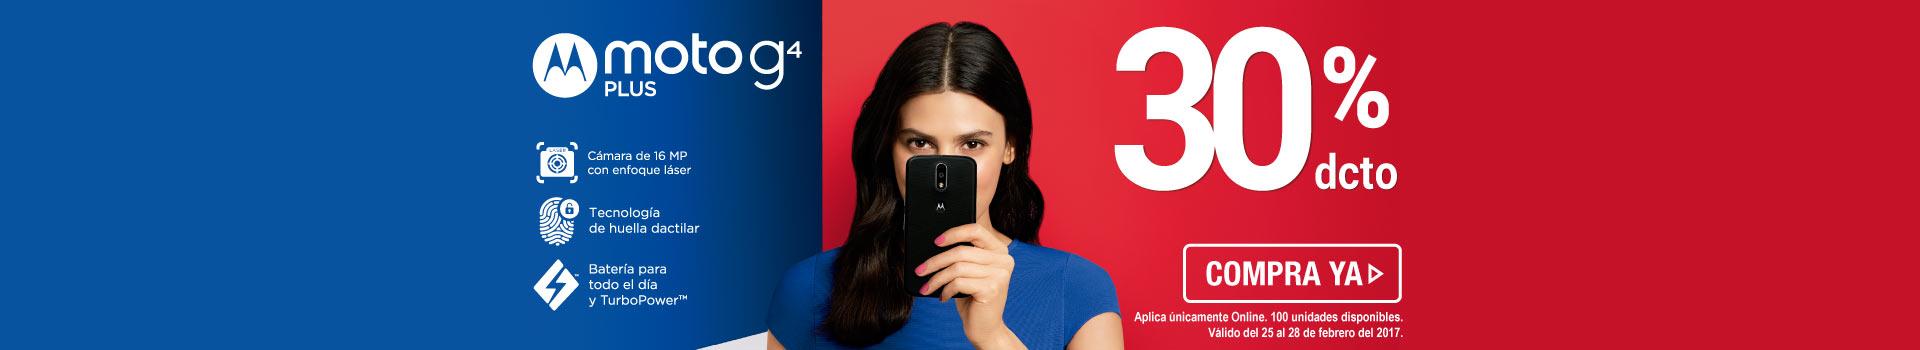 Celular Motorola Moto G4 Plus DS - banner principal